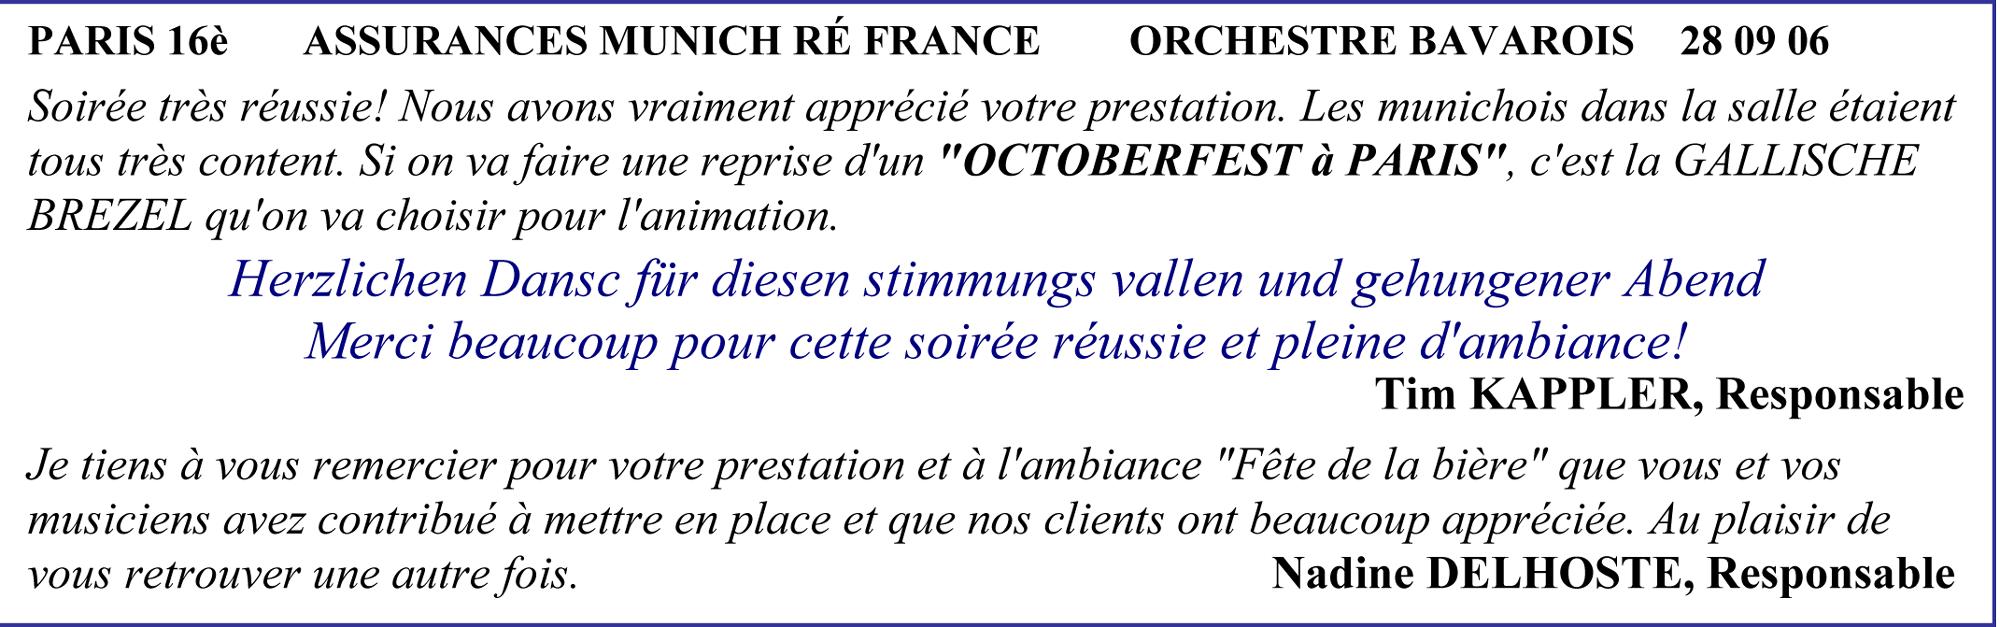 Paris 16-2006-orchestre bavarois